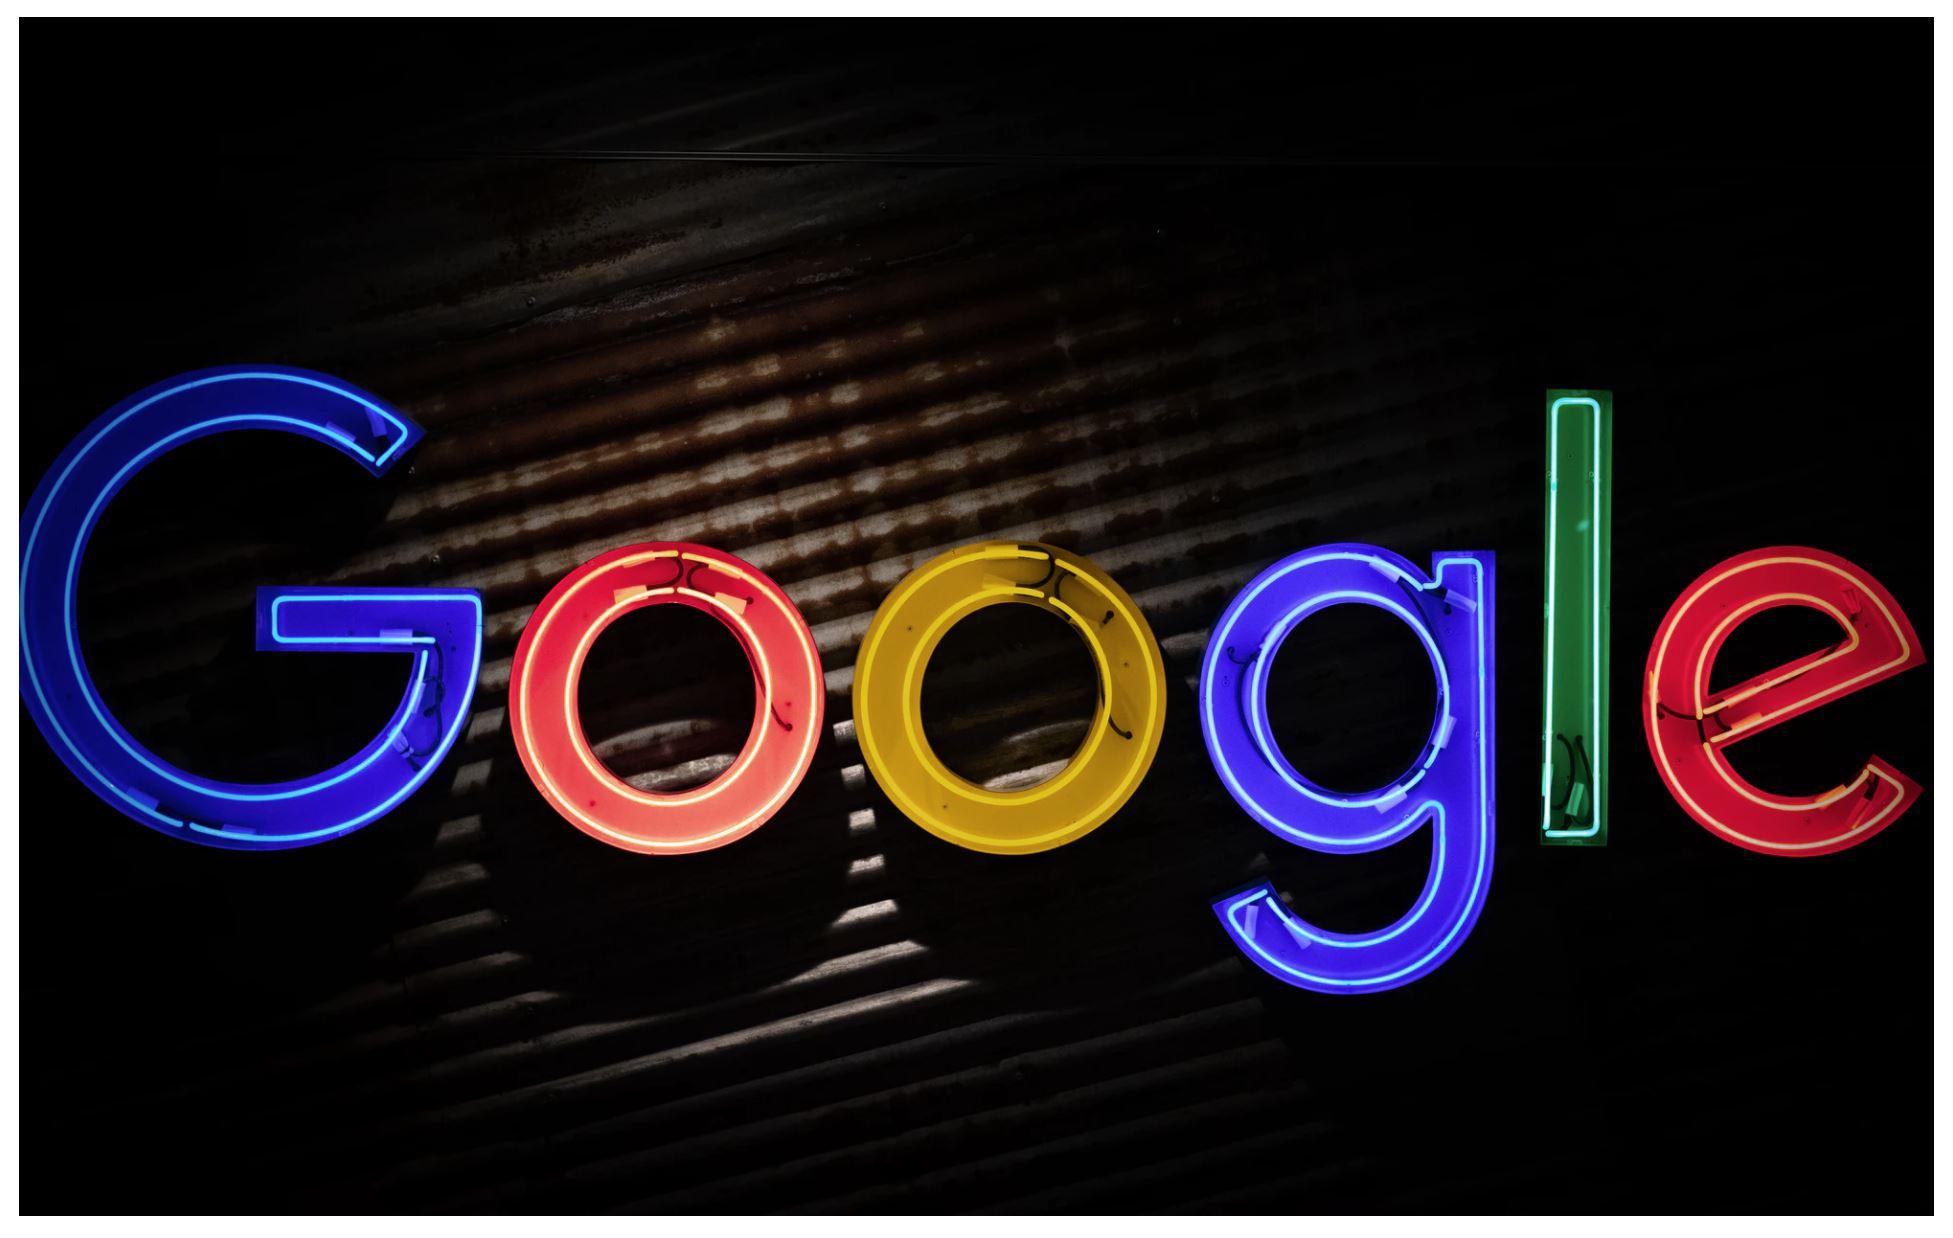 Goodbye Cookie: Google-Werbung ist überall, soll zukünftig aber weniger spionieren - SmartDroid.de